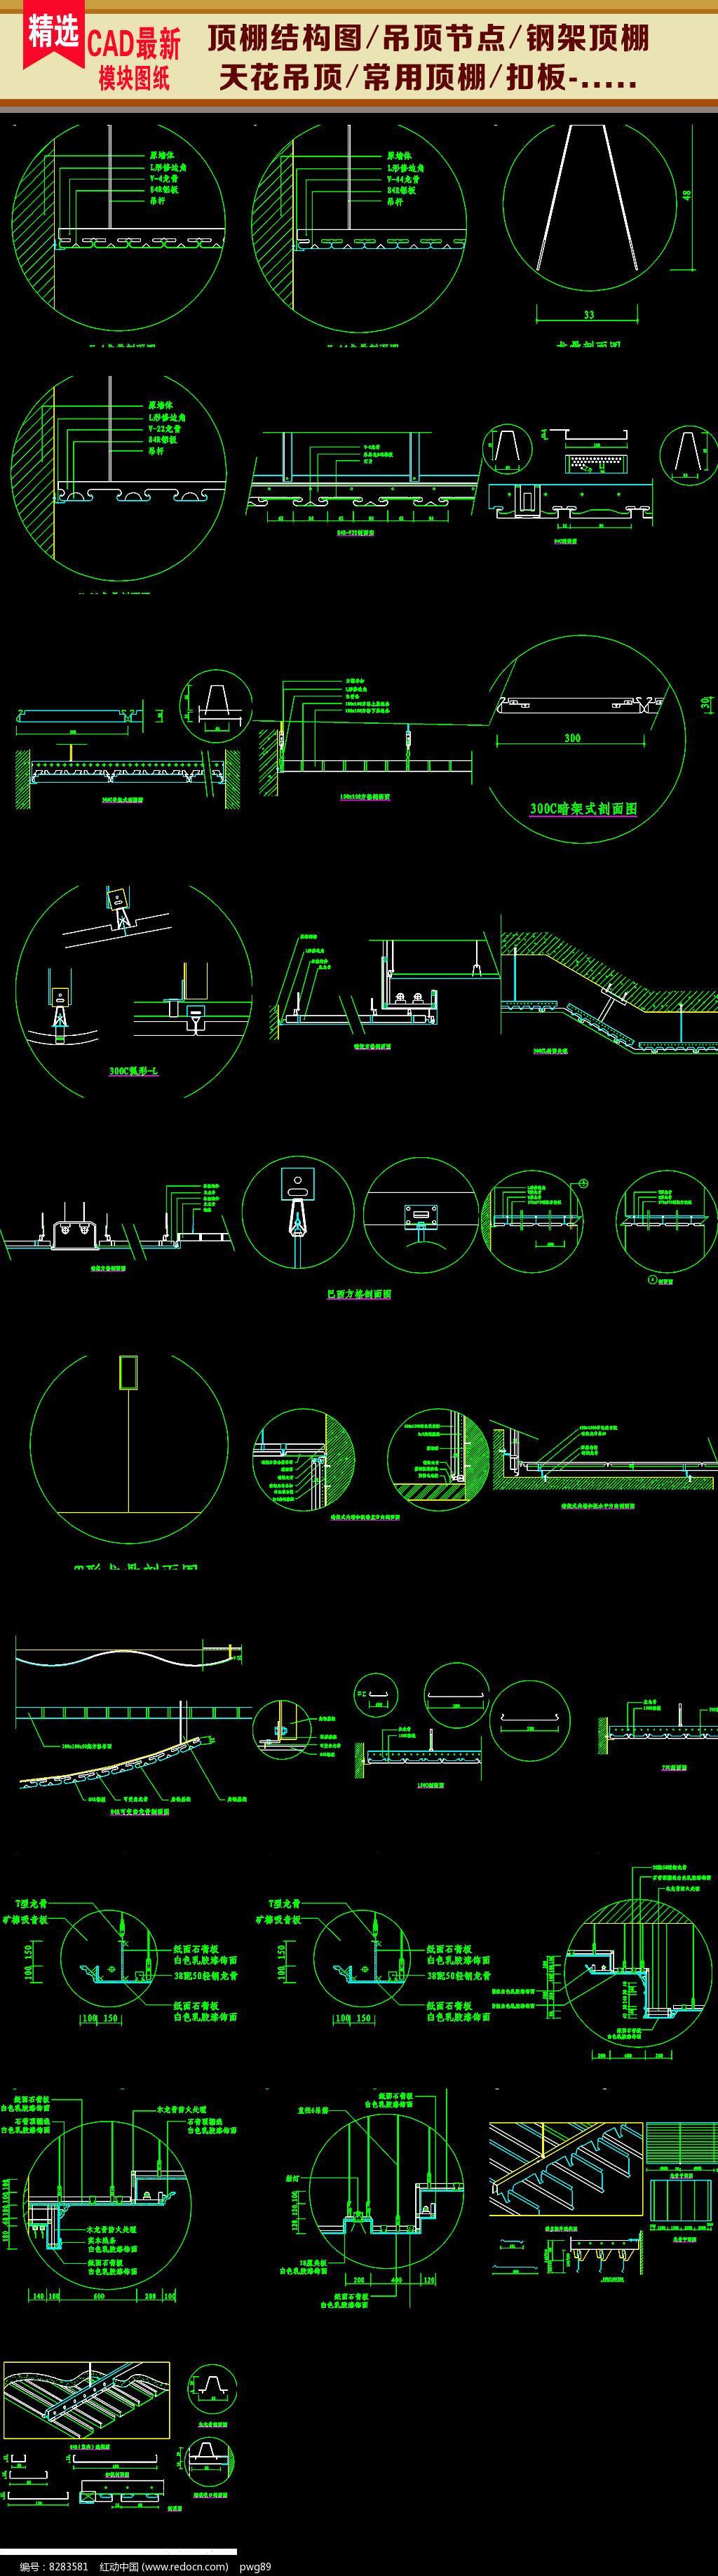 金属顶棚CAD节点祥图图片